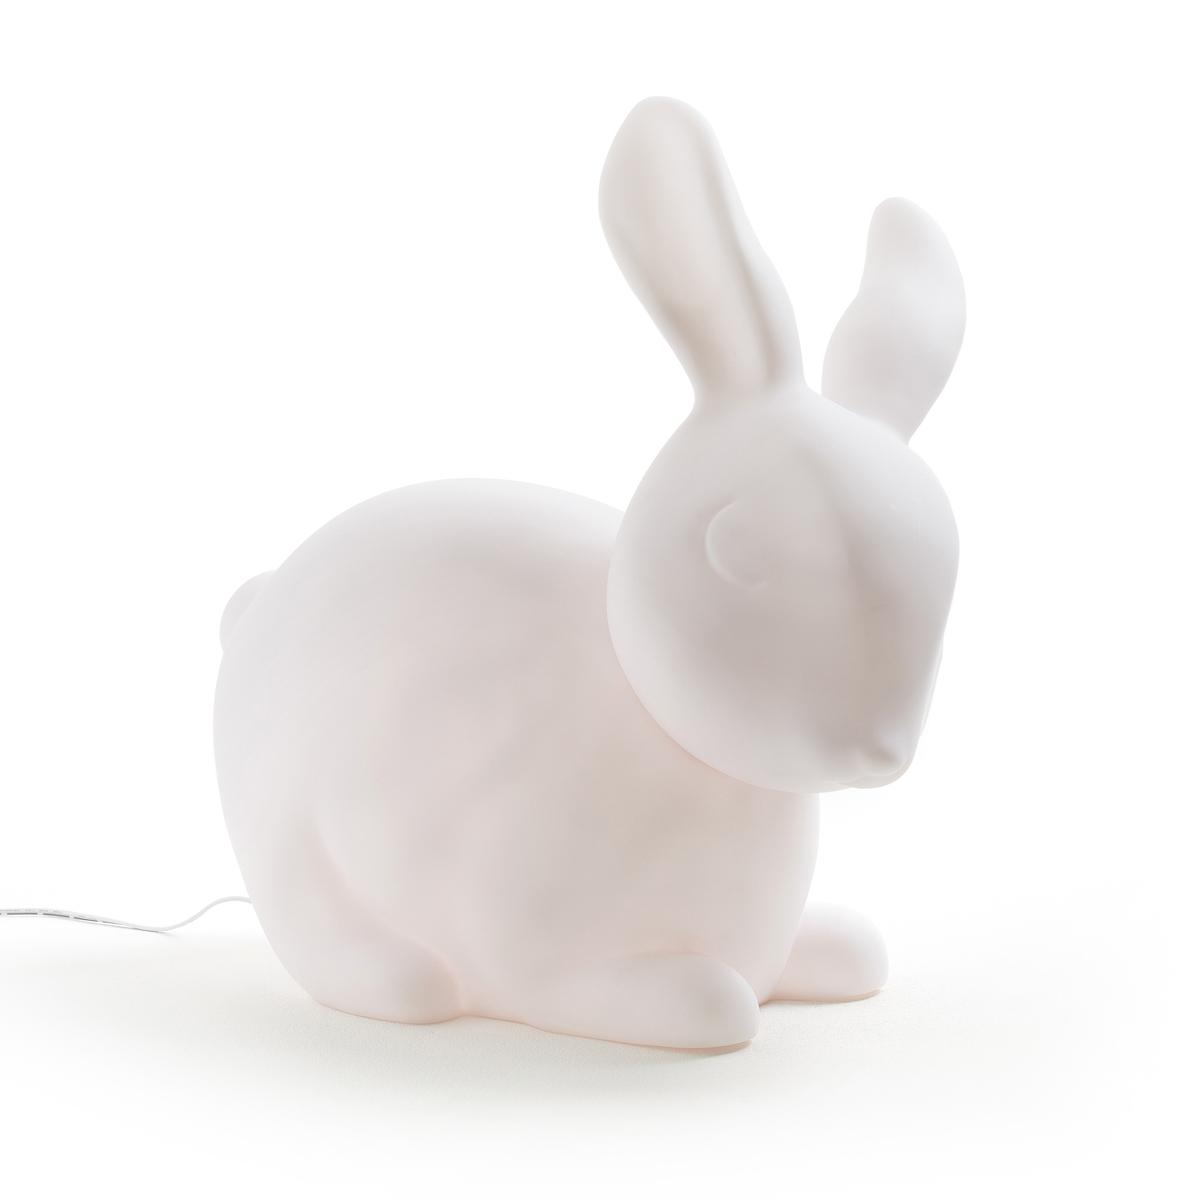 Лампа светодиодная, LunicoleЛампа Lunicole. Лампа формата XL в форме милого и пушистого зайчика… Симпатичная лампа, как в включенном, так и в выключенном состоянии, она дает мягкий и рассеянный свет и будет идеальна для вашего ребенка  .Характеристики : - Материал: ПВХ- Лампочка LED 0,85Вт (незаменяемая)- Выключатель вкл/выкл - Продается с преобразователем очень низкого напряжения .Размеры : - 39 x 38 x 18 см .<br><br>Цвет: белый<br>Размер: единый размер